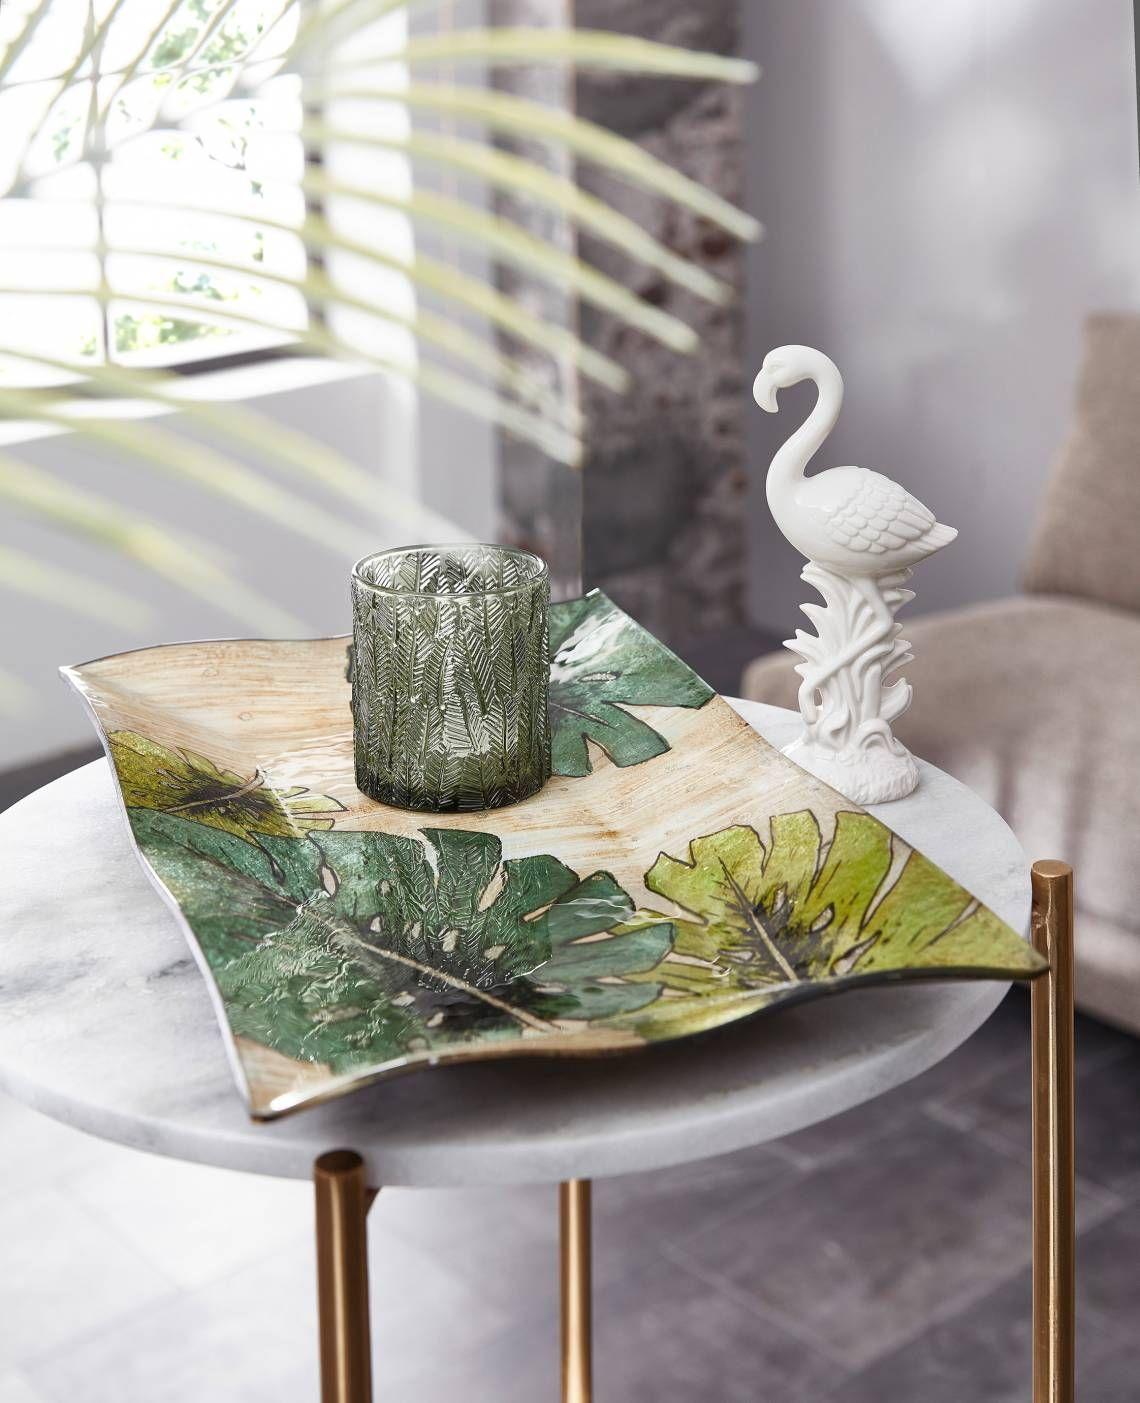 Formano Deko Teller Windlicht Und Flamingo Milieu Wohnzimmer In